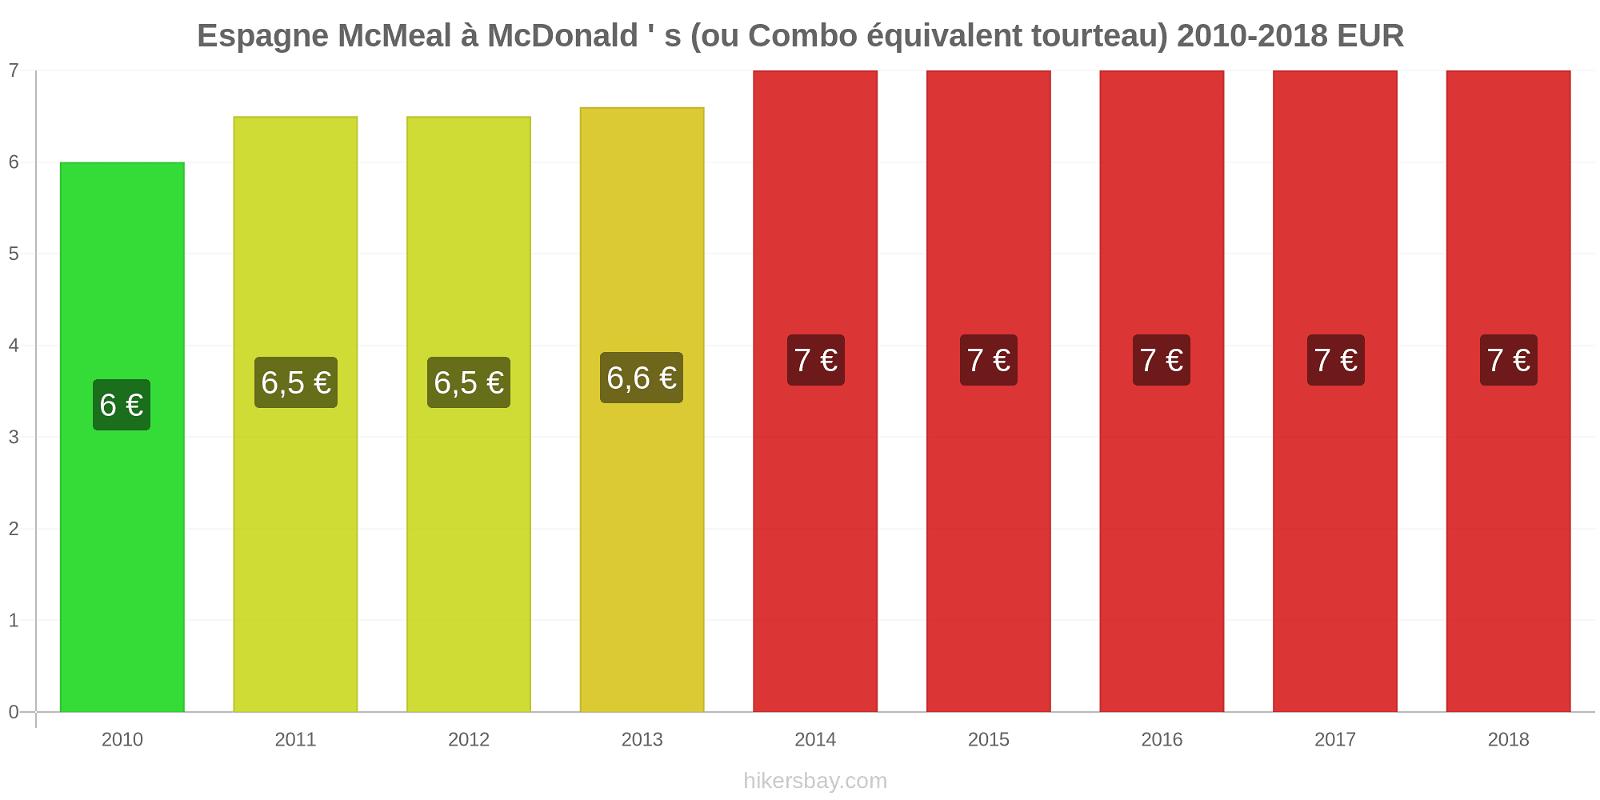 Espagne changements de prix McMeal à McDonald ' s (ou Combo équivalent tourteau) hikersbay.com